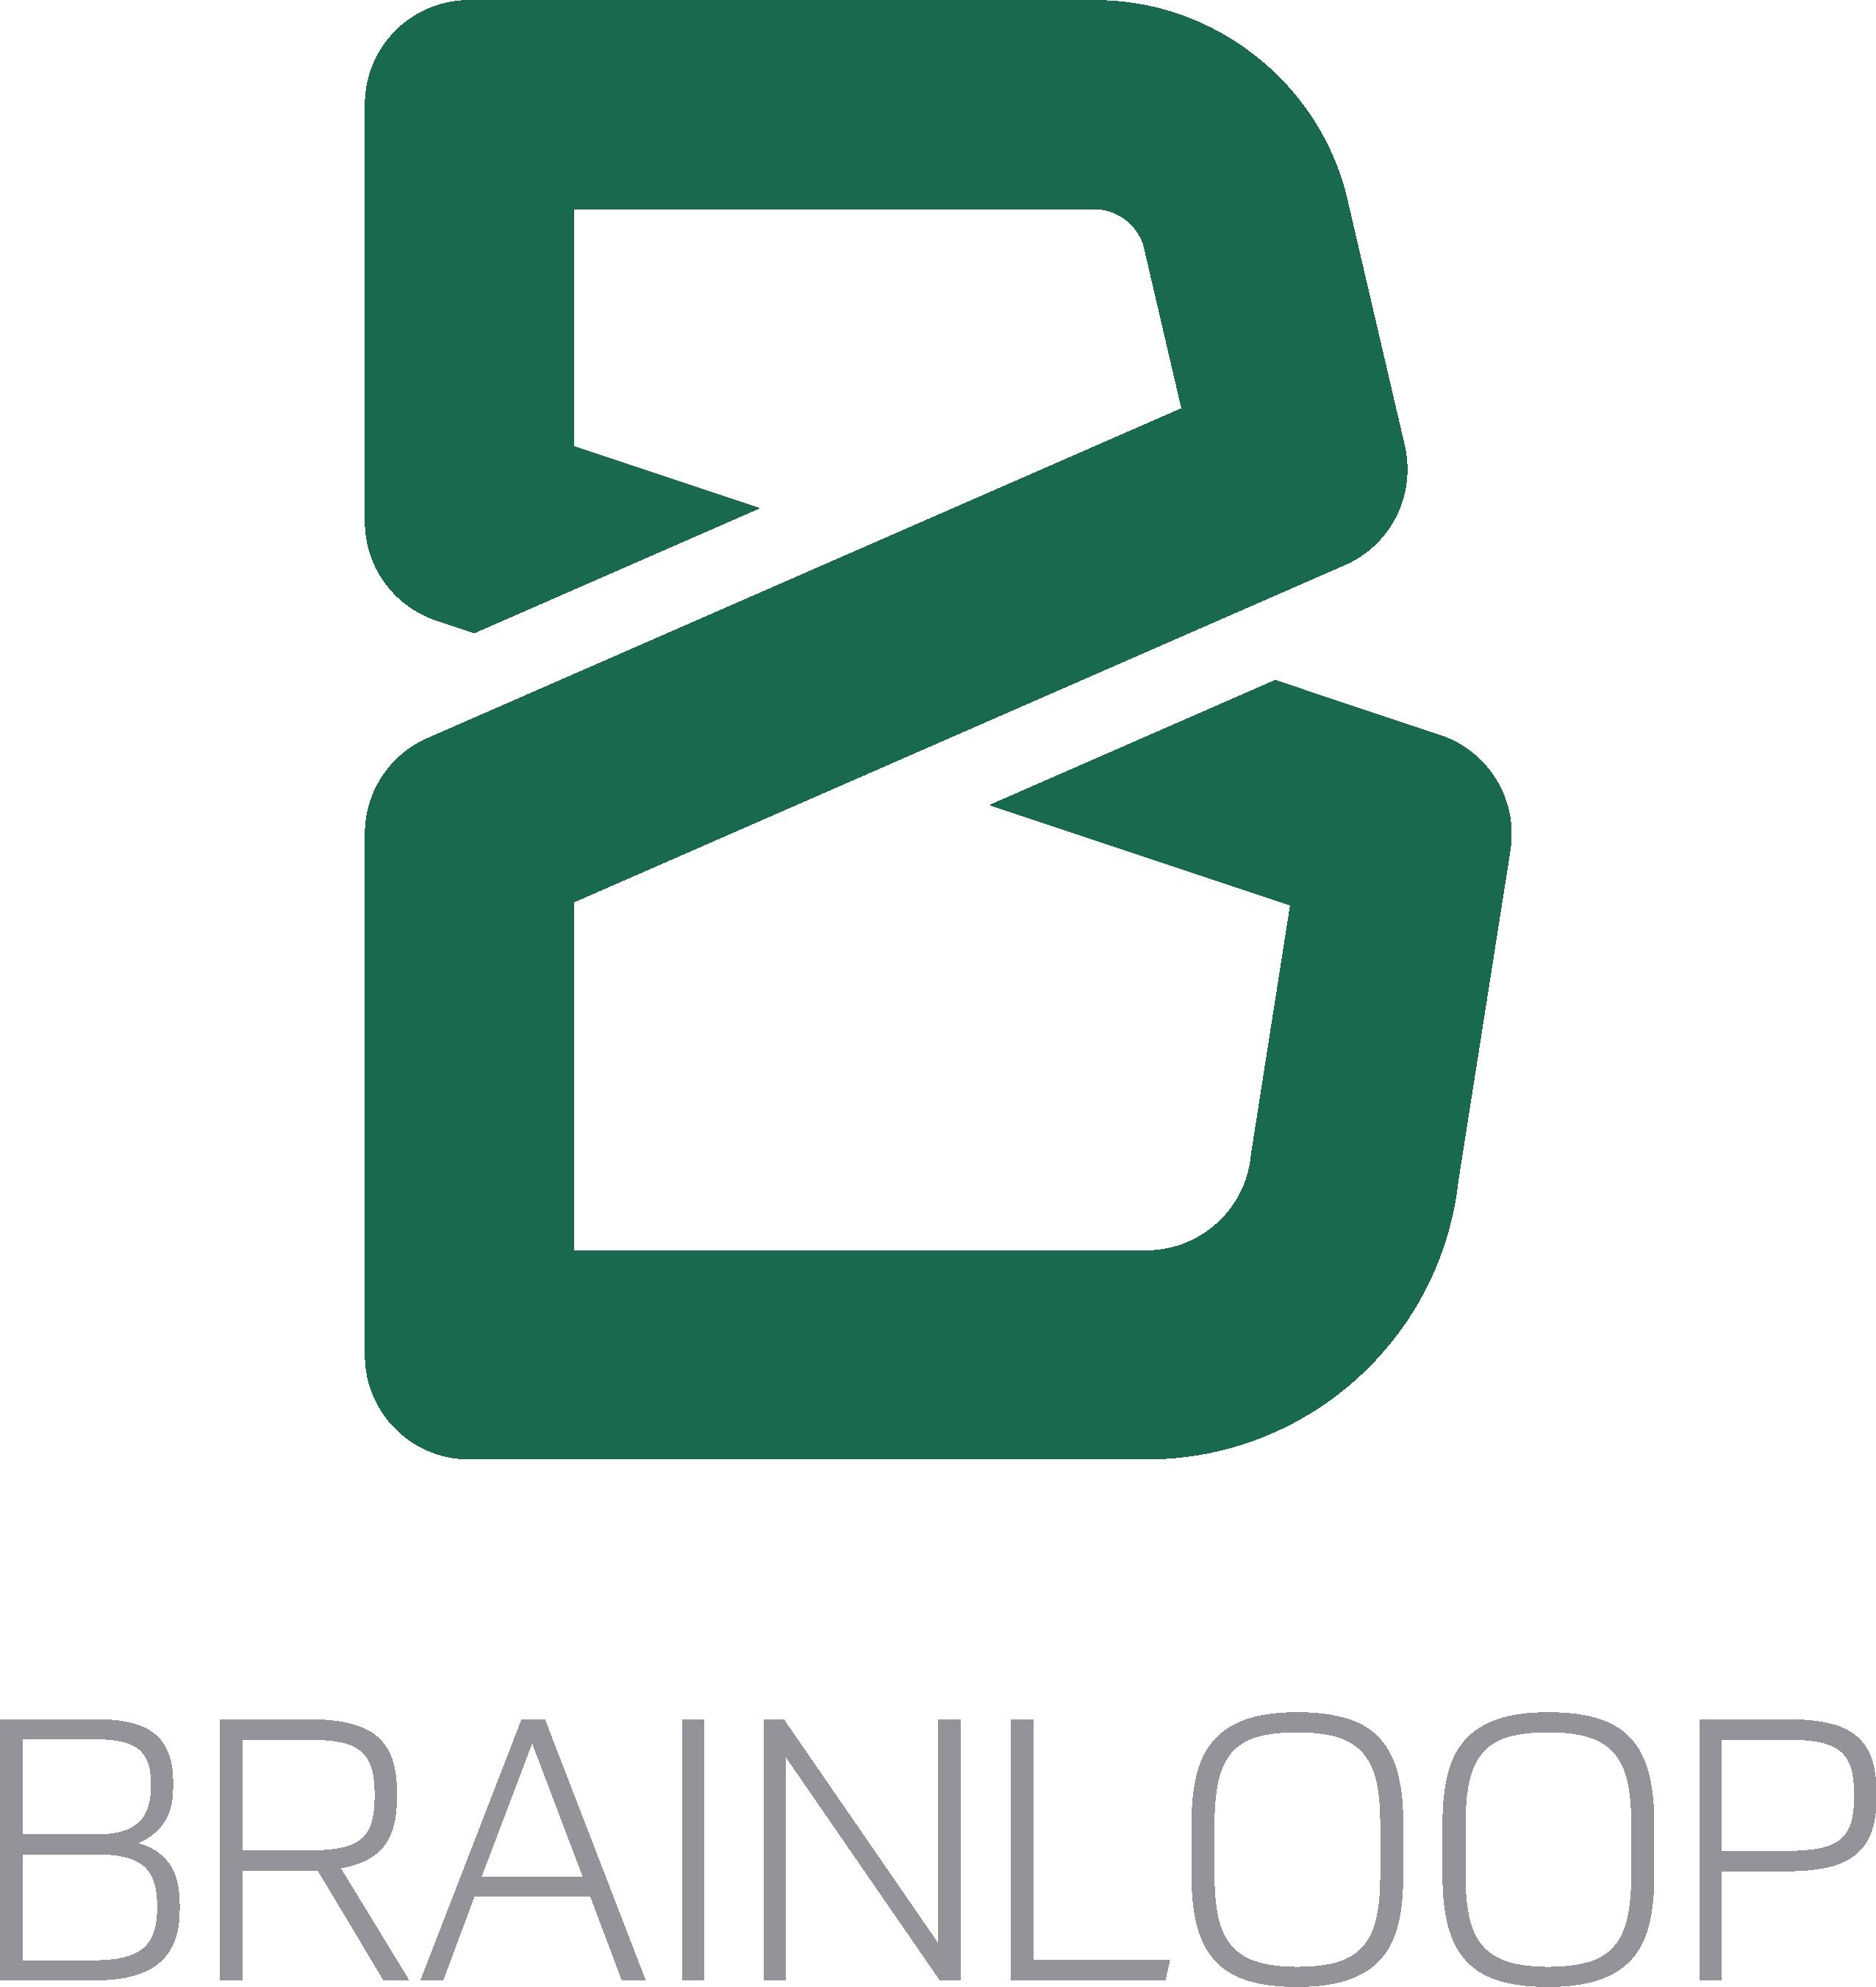 Brainloop AG